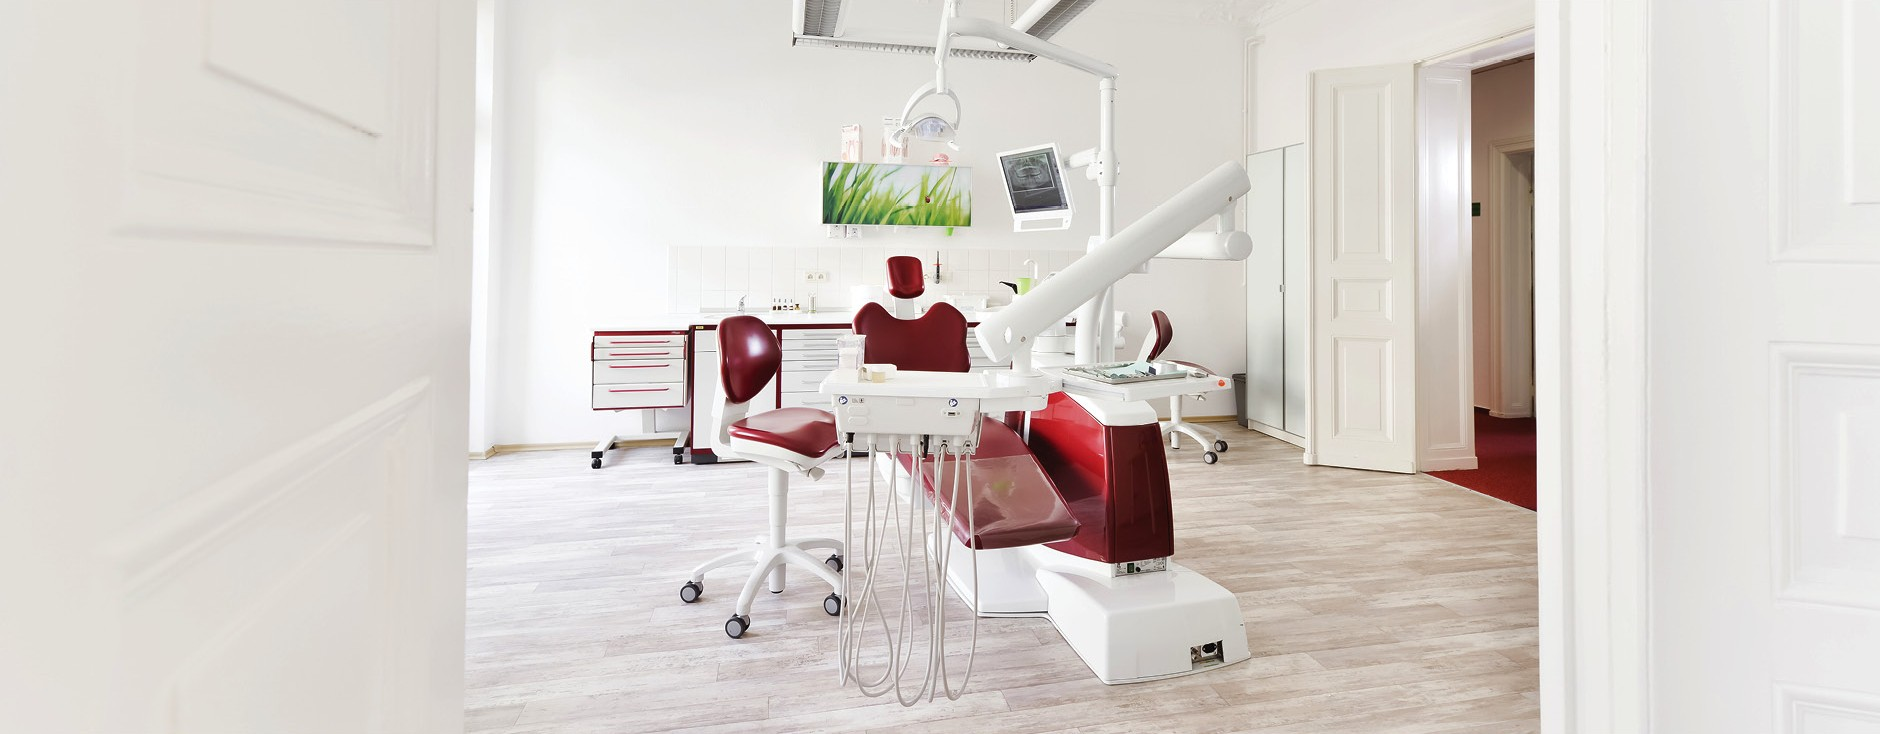 Behandlungszimmer drei - Zahnarzt Berlin Lichtenberg